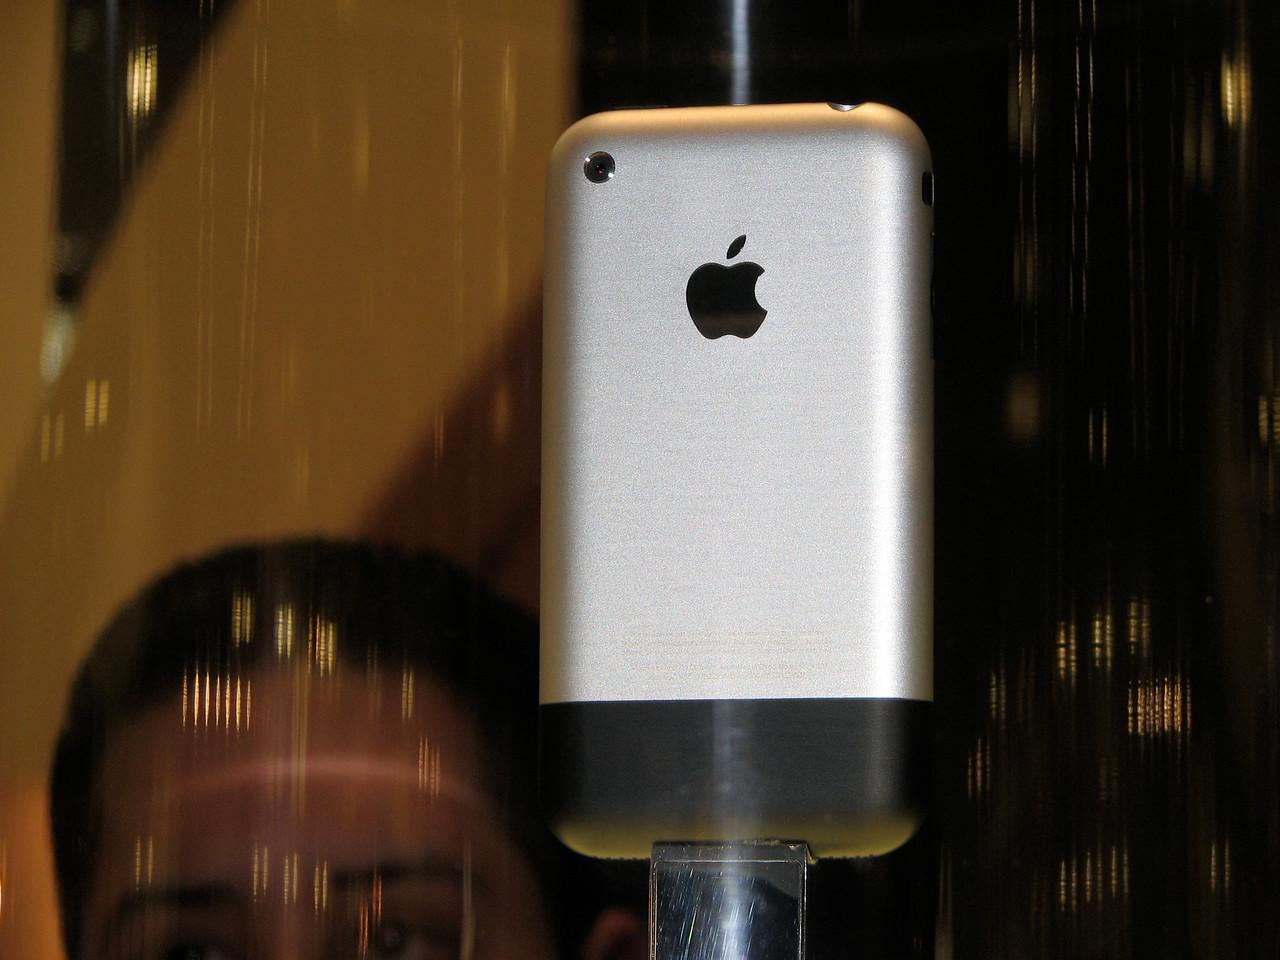 2007 01 12 Fri - Apple iPhone @ Macworld 2007 in SF